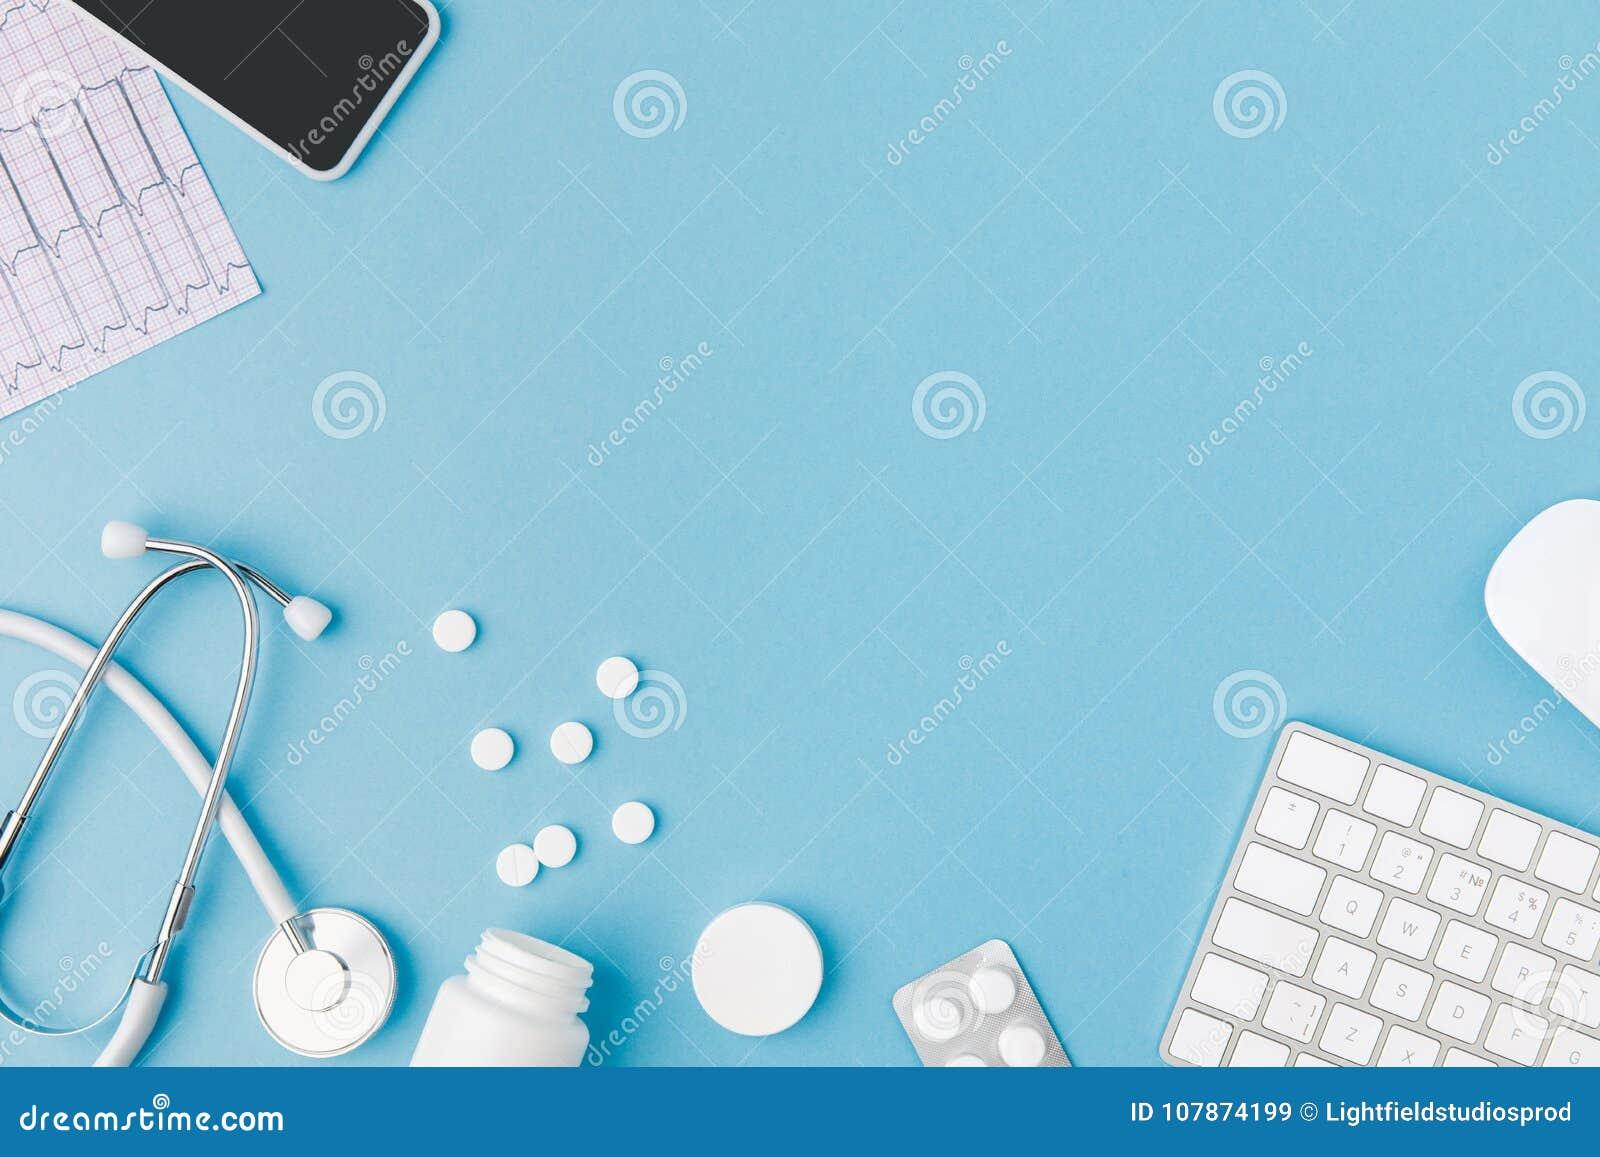 容器、疏散药片、听诊器、心电图、键盘和智能手机